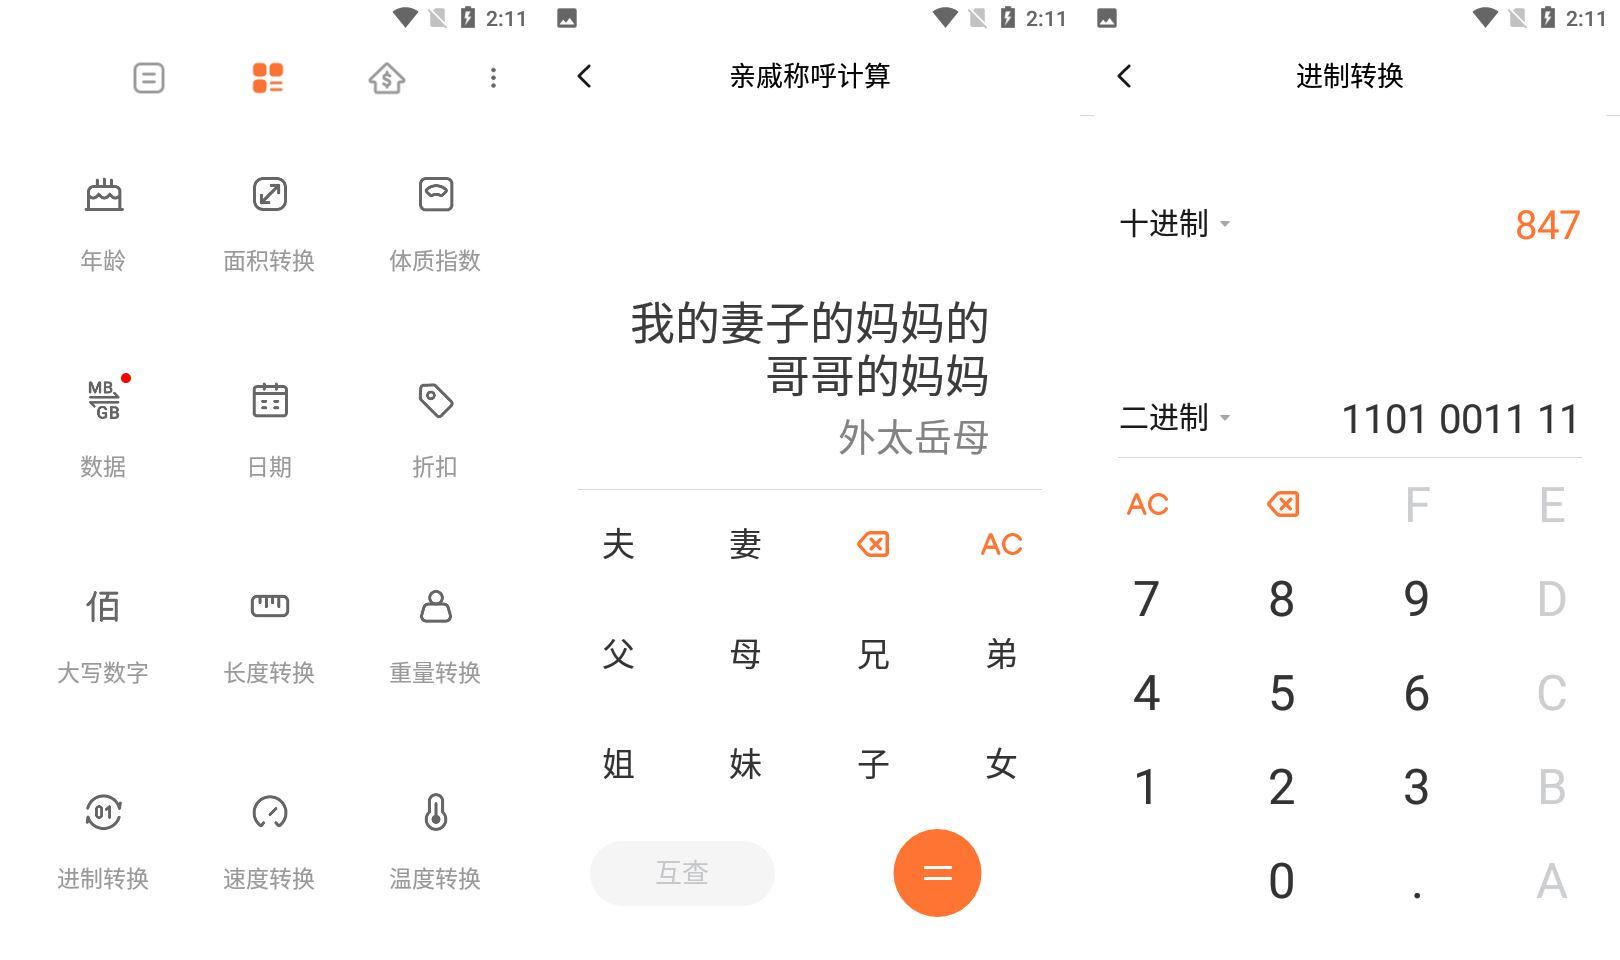 安卓小米计算器v12.3.9谷歌版